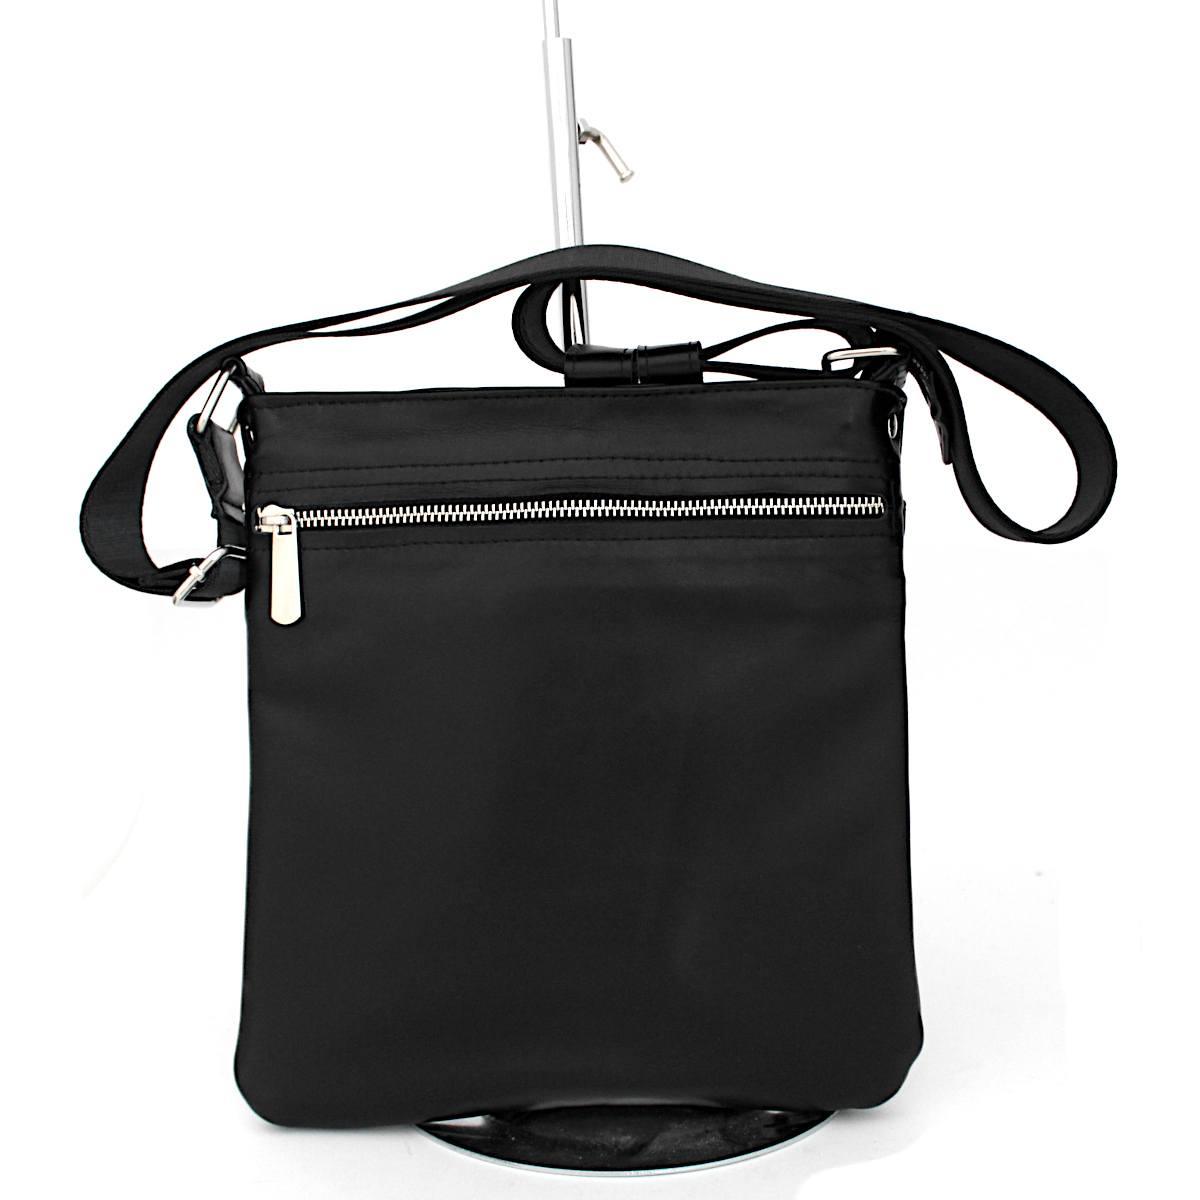 стилна мъжка чанта естествена кожа отзад